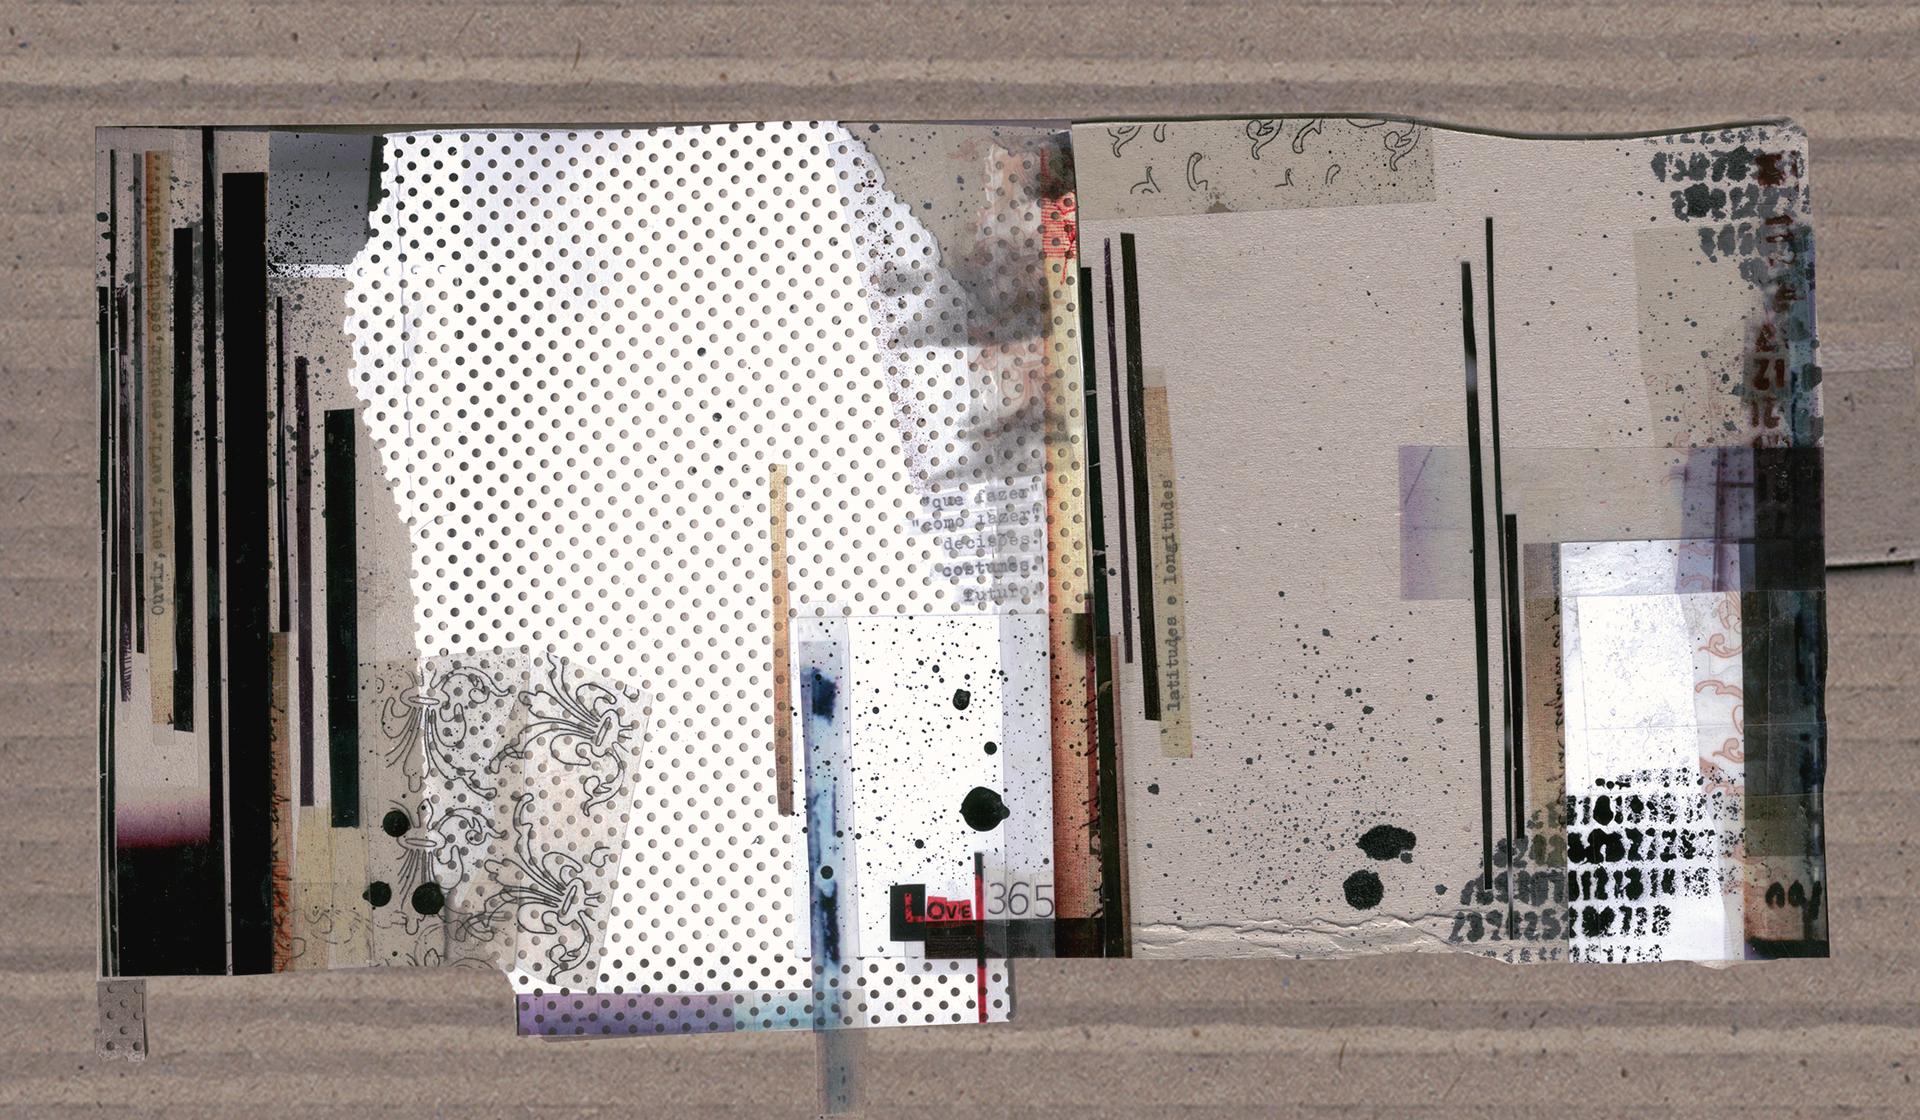 Love 365 bonjourmolotov website N5.jpg